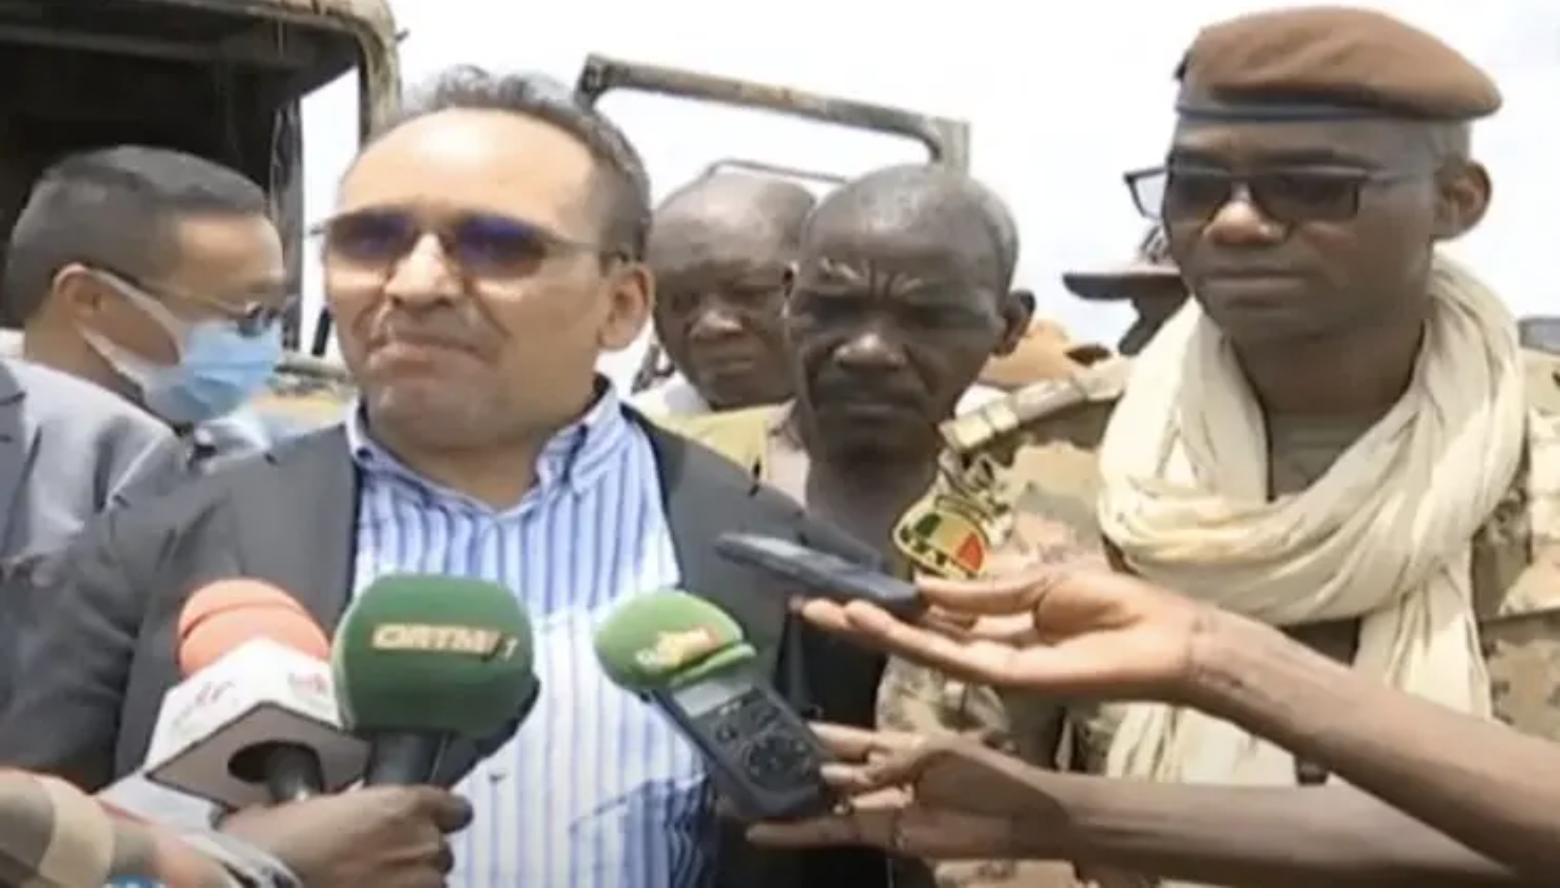 L'ambassadeur de Mauritanie au Mali : « nous sommes satisfaits des efforts déployés par le Mali pour libérer les personnes enlevées sur le site de l'ATTM »